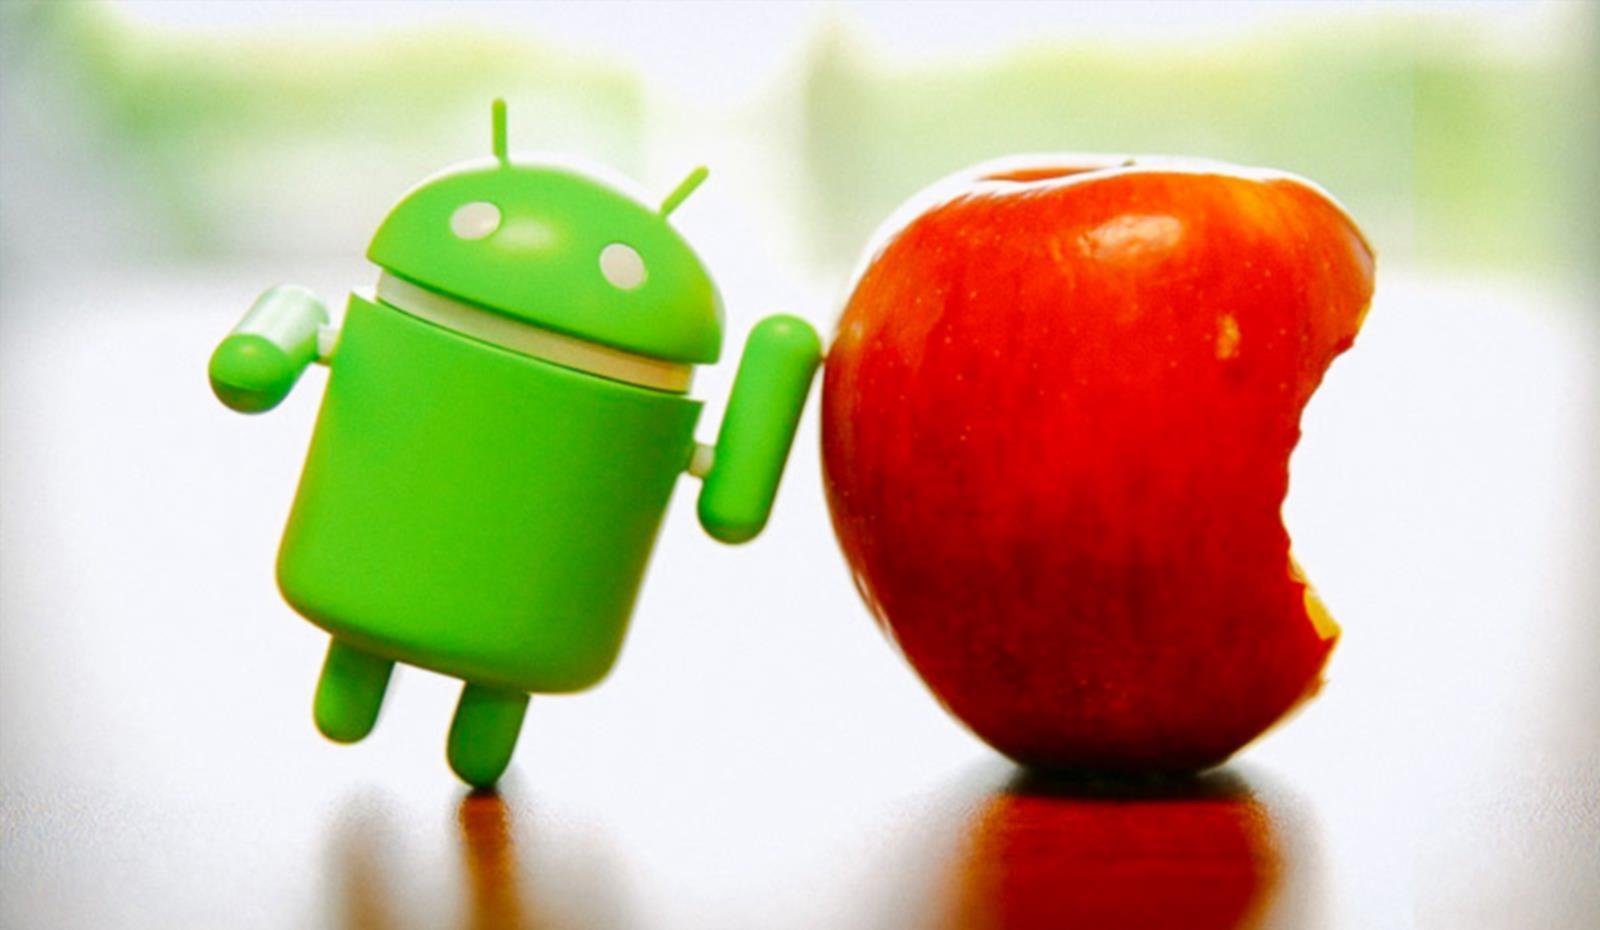 От регистрации до витрины: как выложить мобильное приложение в App Store и Google Play (часть 2) - 1